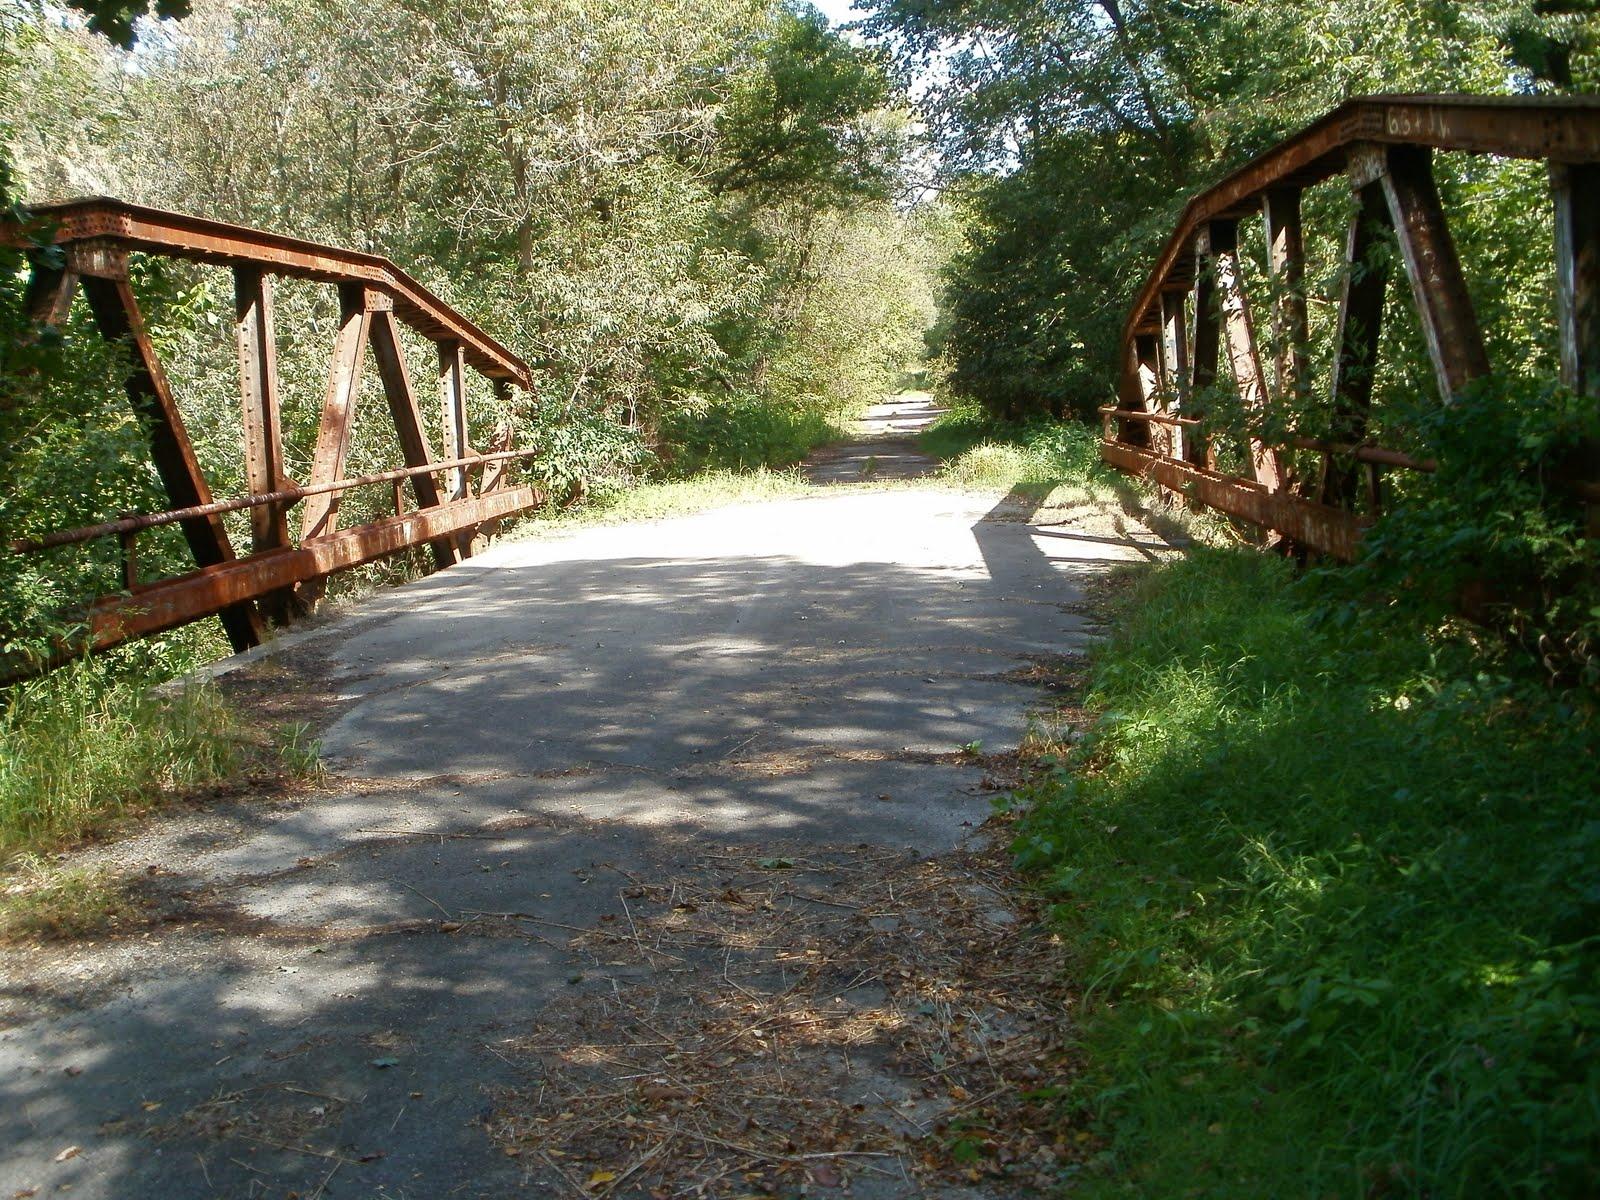 Bạn có dám đi qua 10 cây cầu được cho là bị ma ám này không?